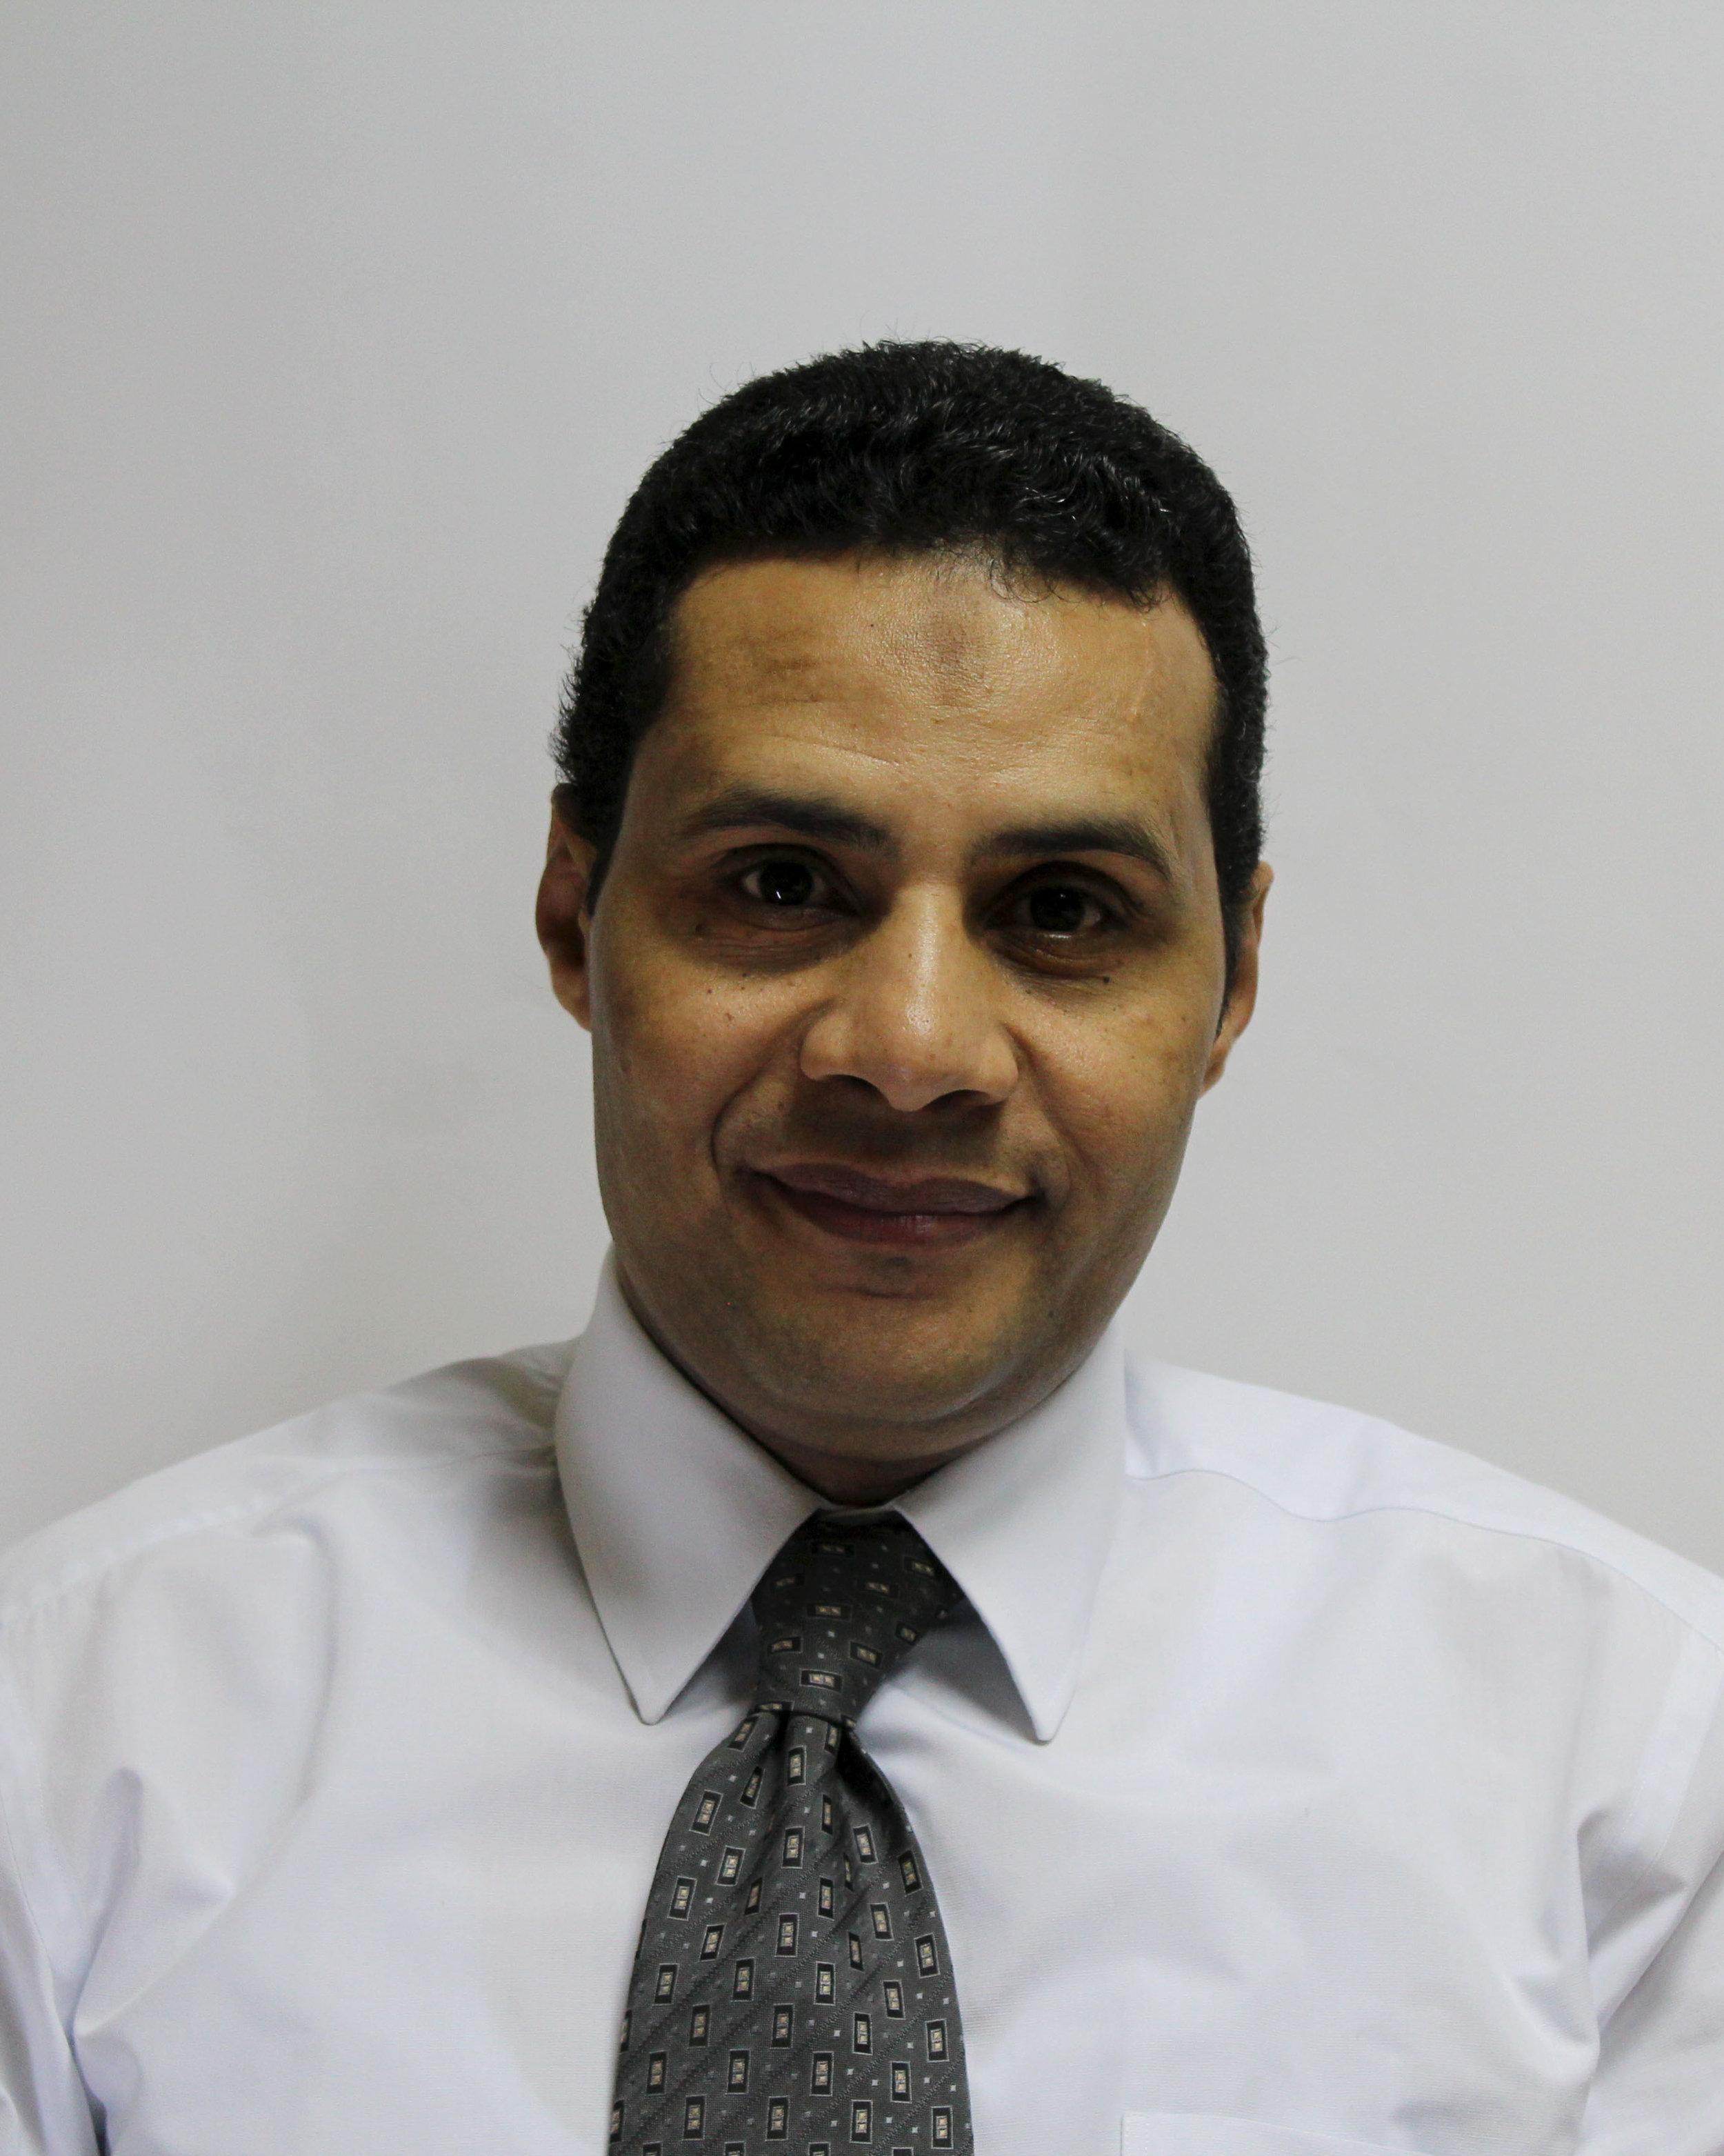 Mr. Ahmed Saber